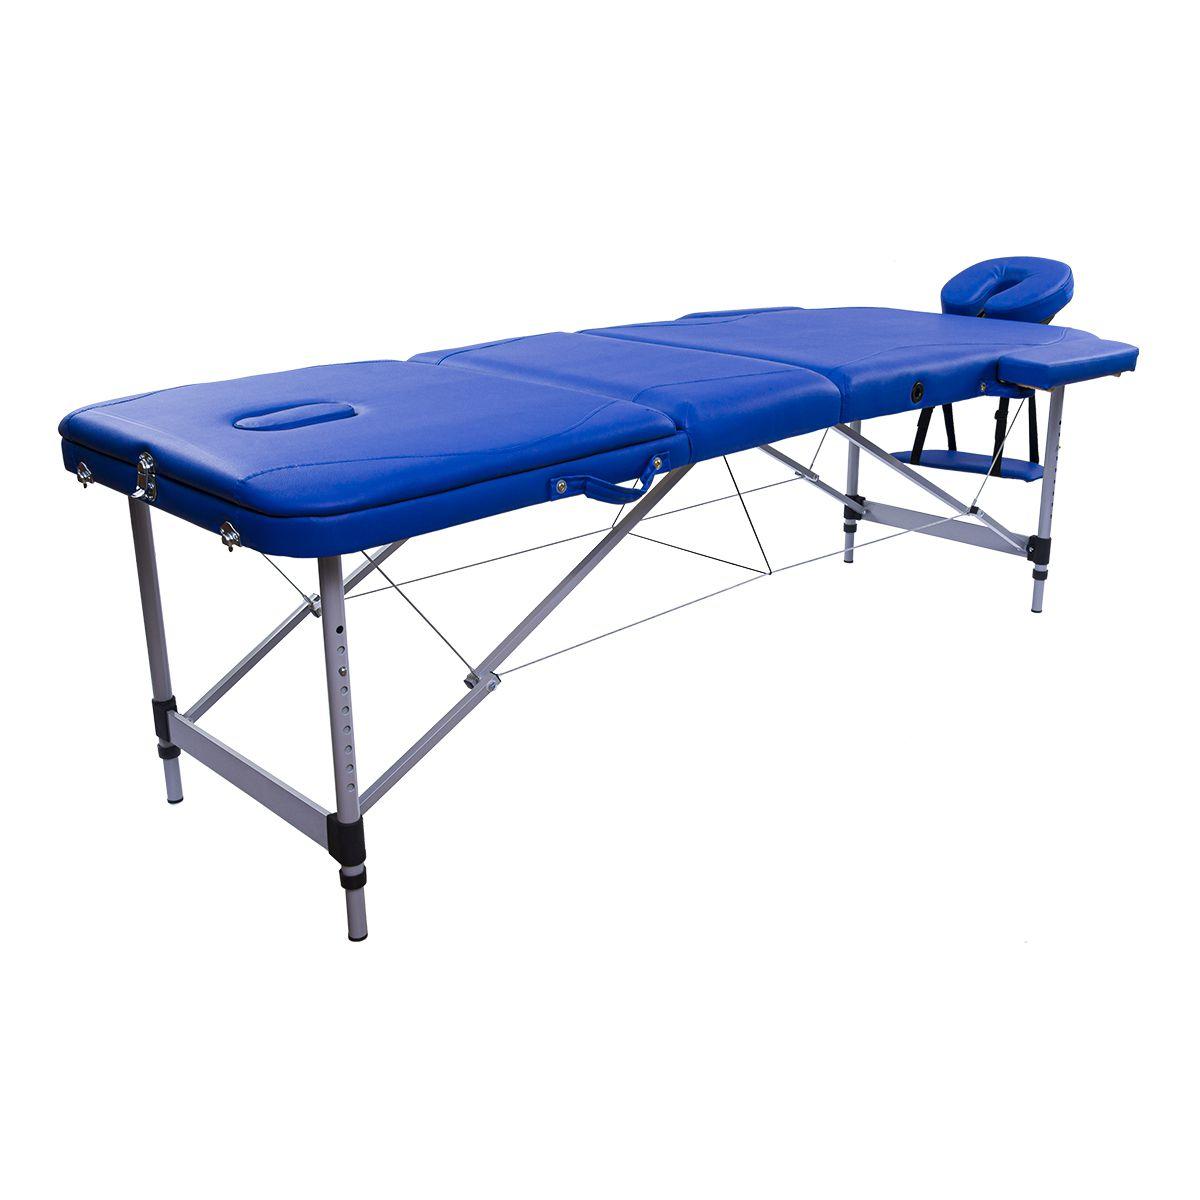 Maca Portátil Dobrável e Reclinável Pelegrin PEL-5533 em Couro PU Azul